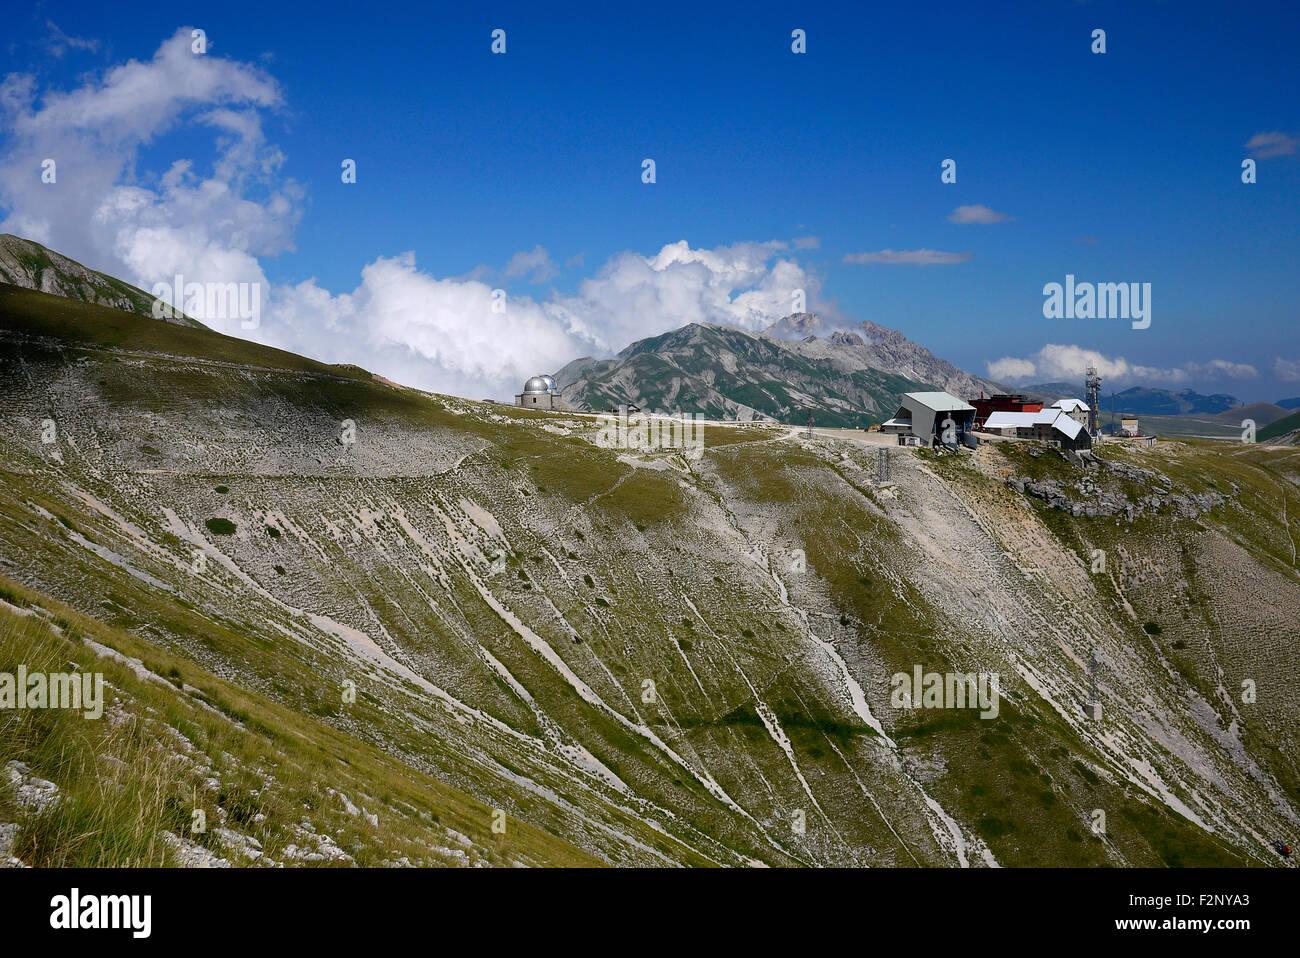 Campo Imperatore, Abruzzo, Italy. - Stock Image